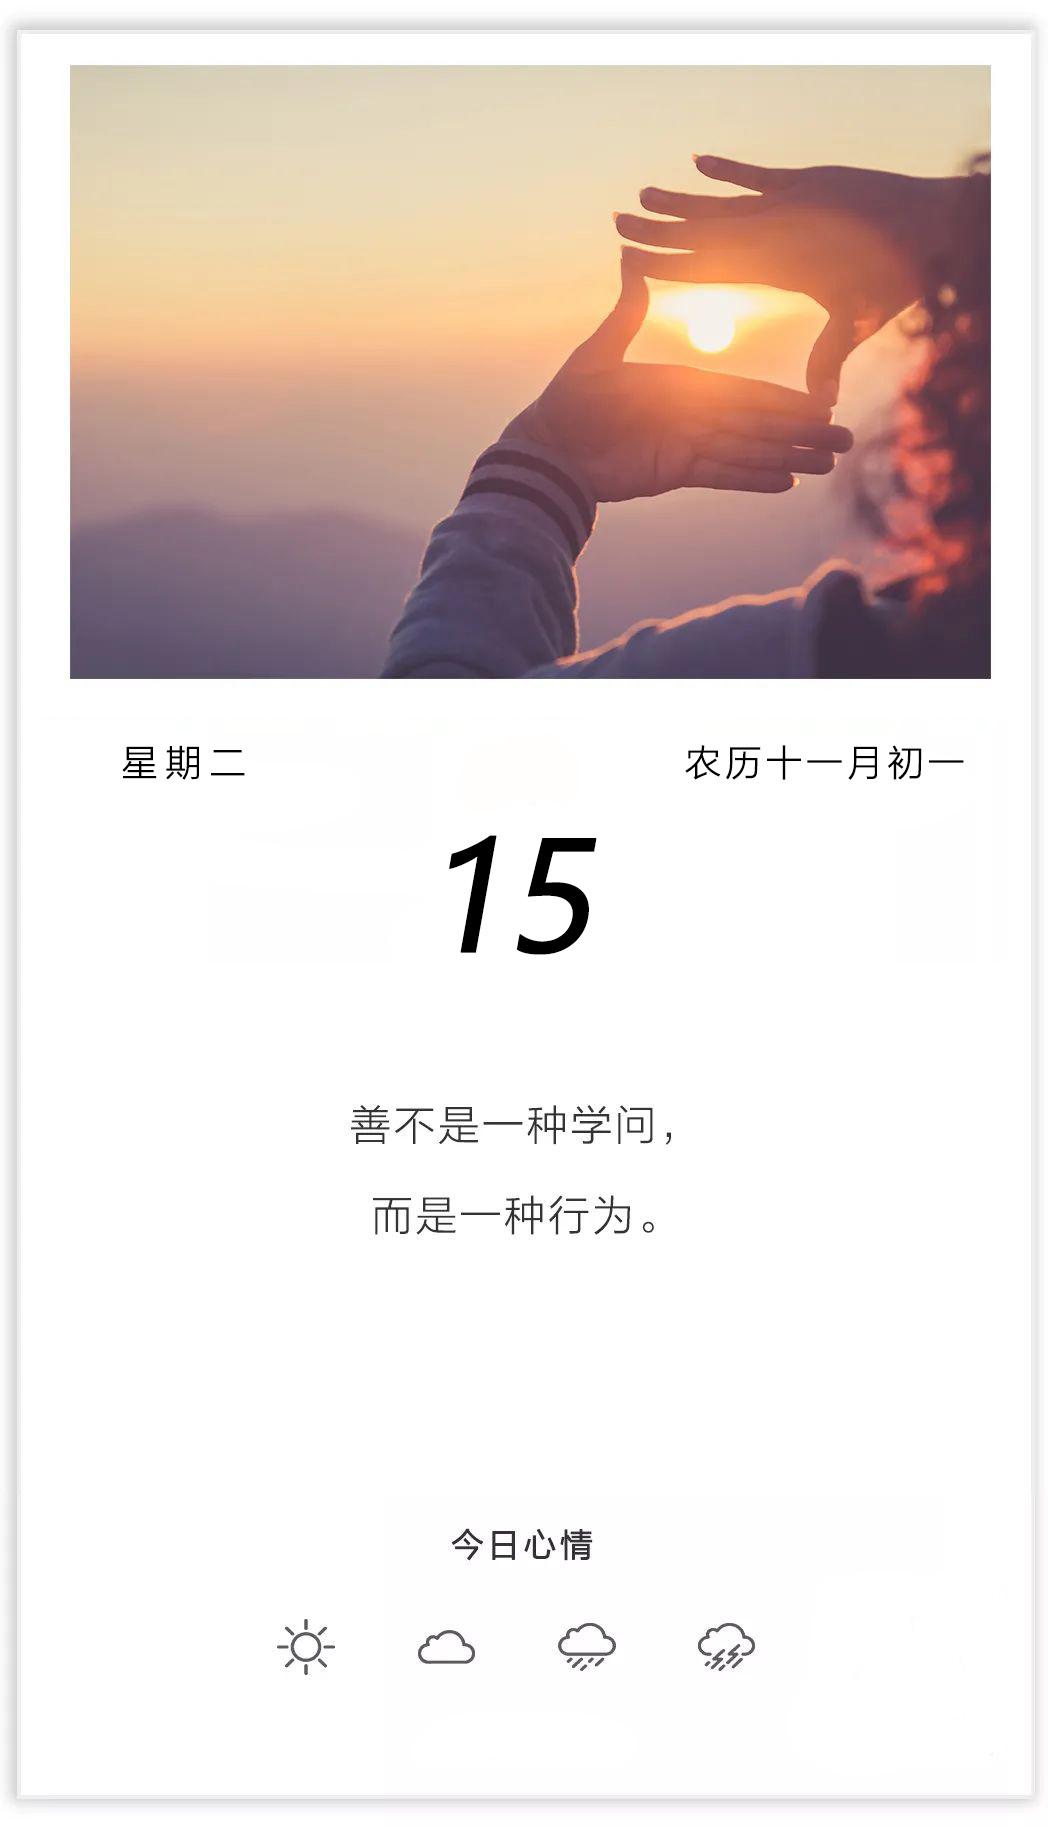 12月15日早晨好正能量励志图片日签说说